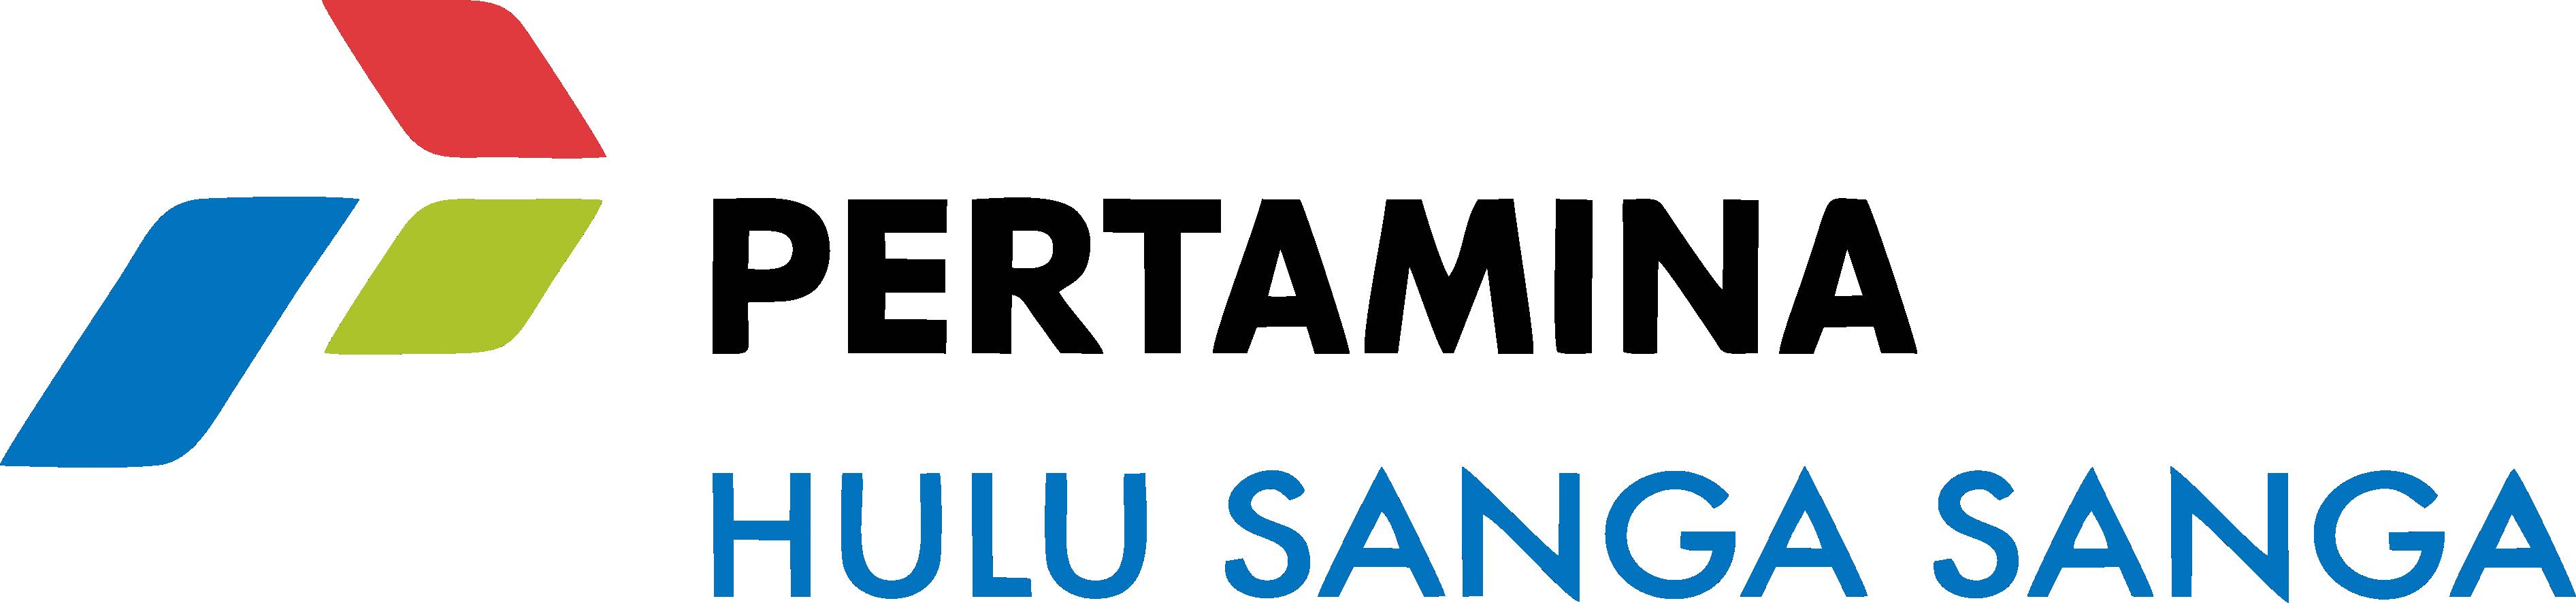 Pertamina Hulu Sanga Sanga